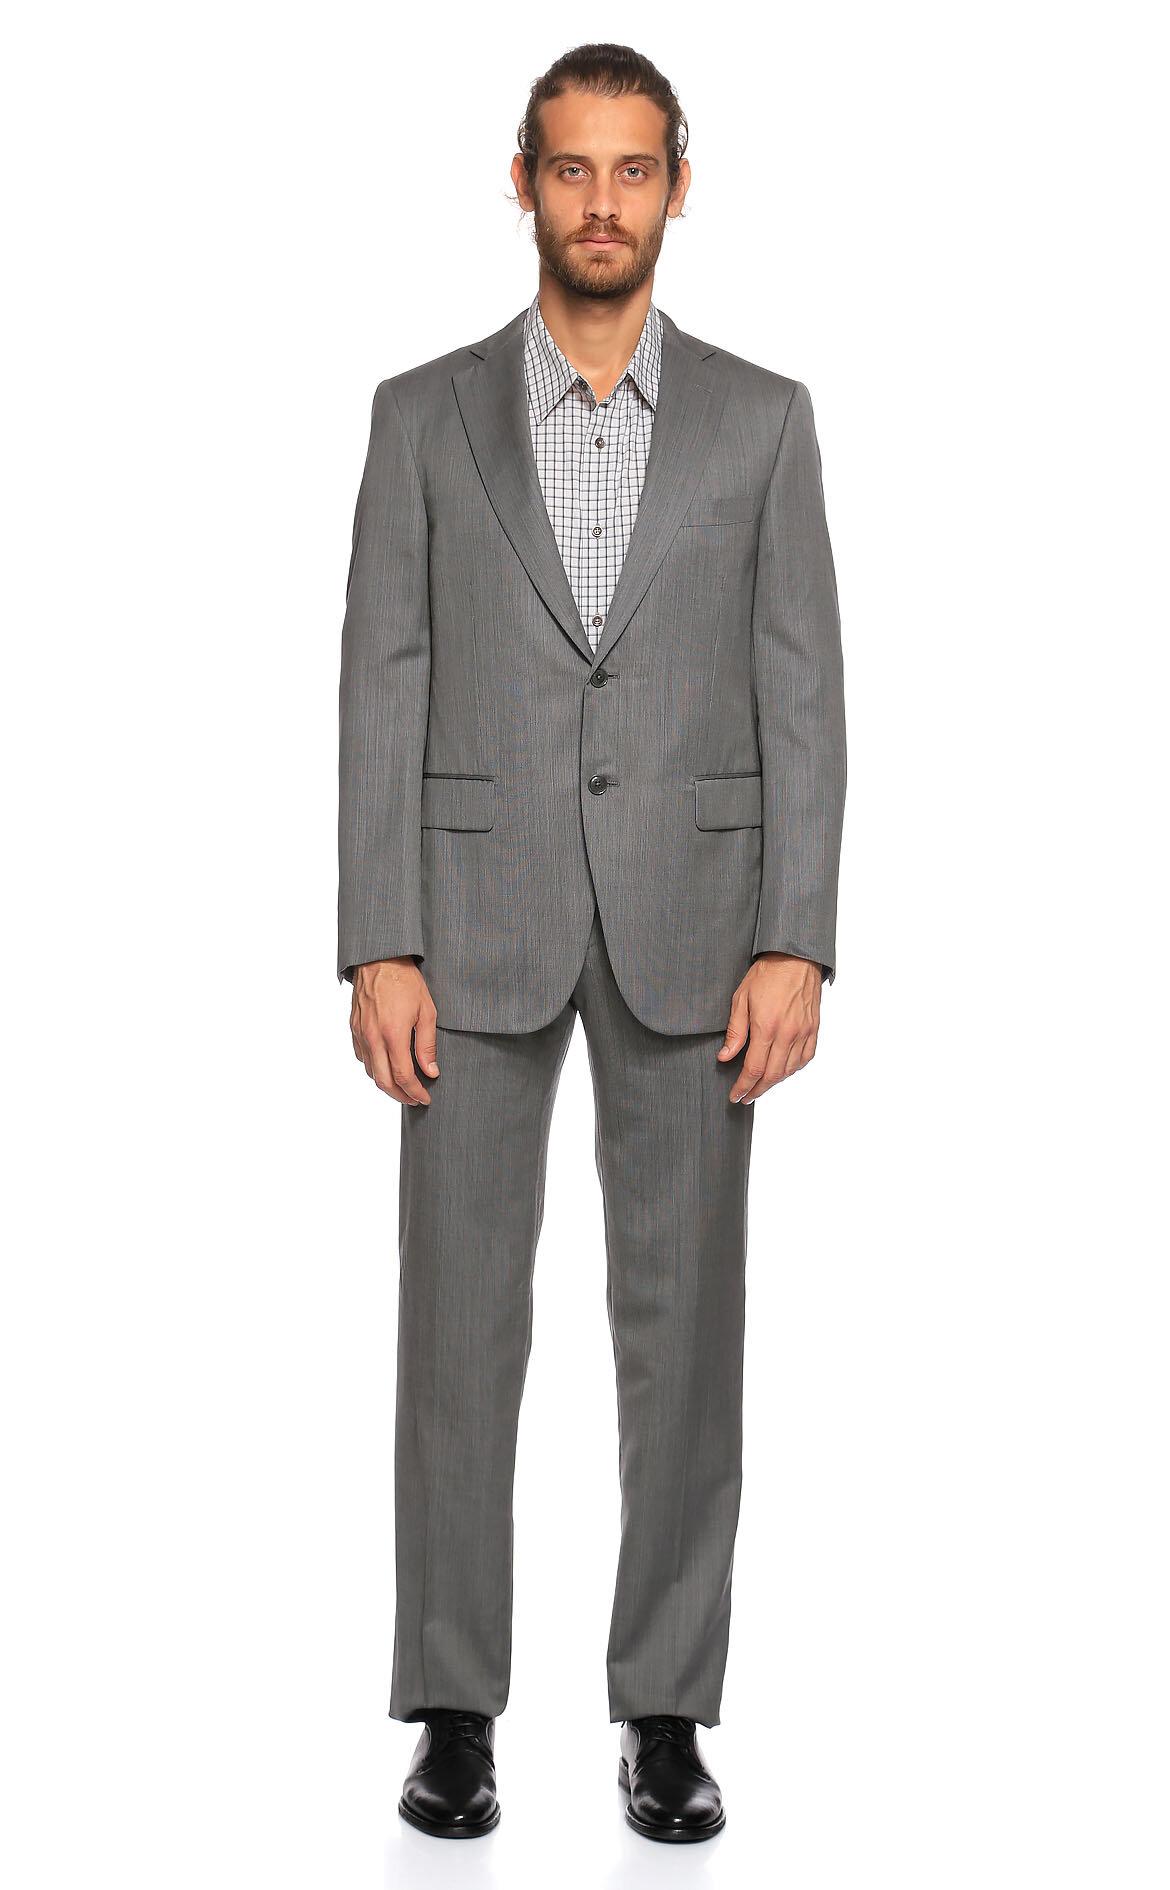 Pal Zileri-Pal Zileri Gri Takım Elbise